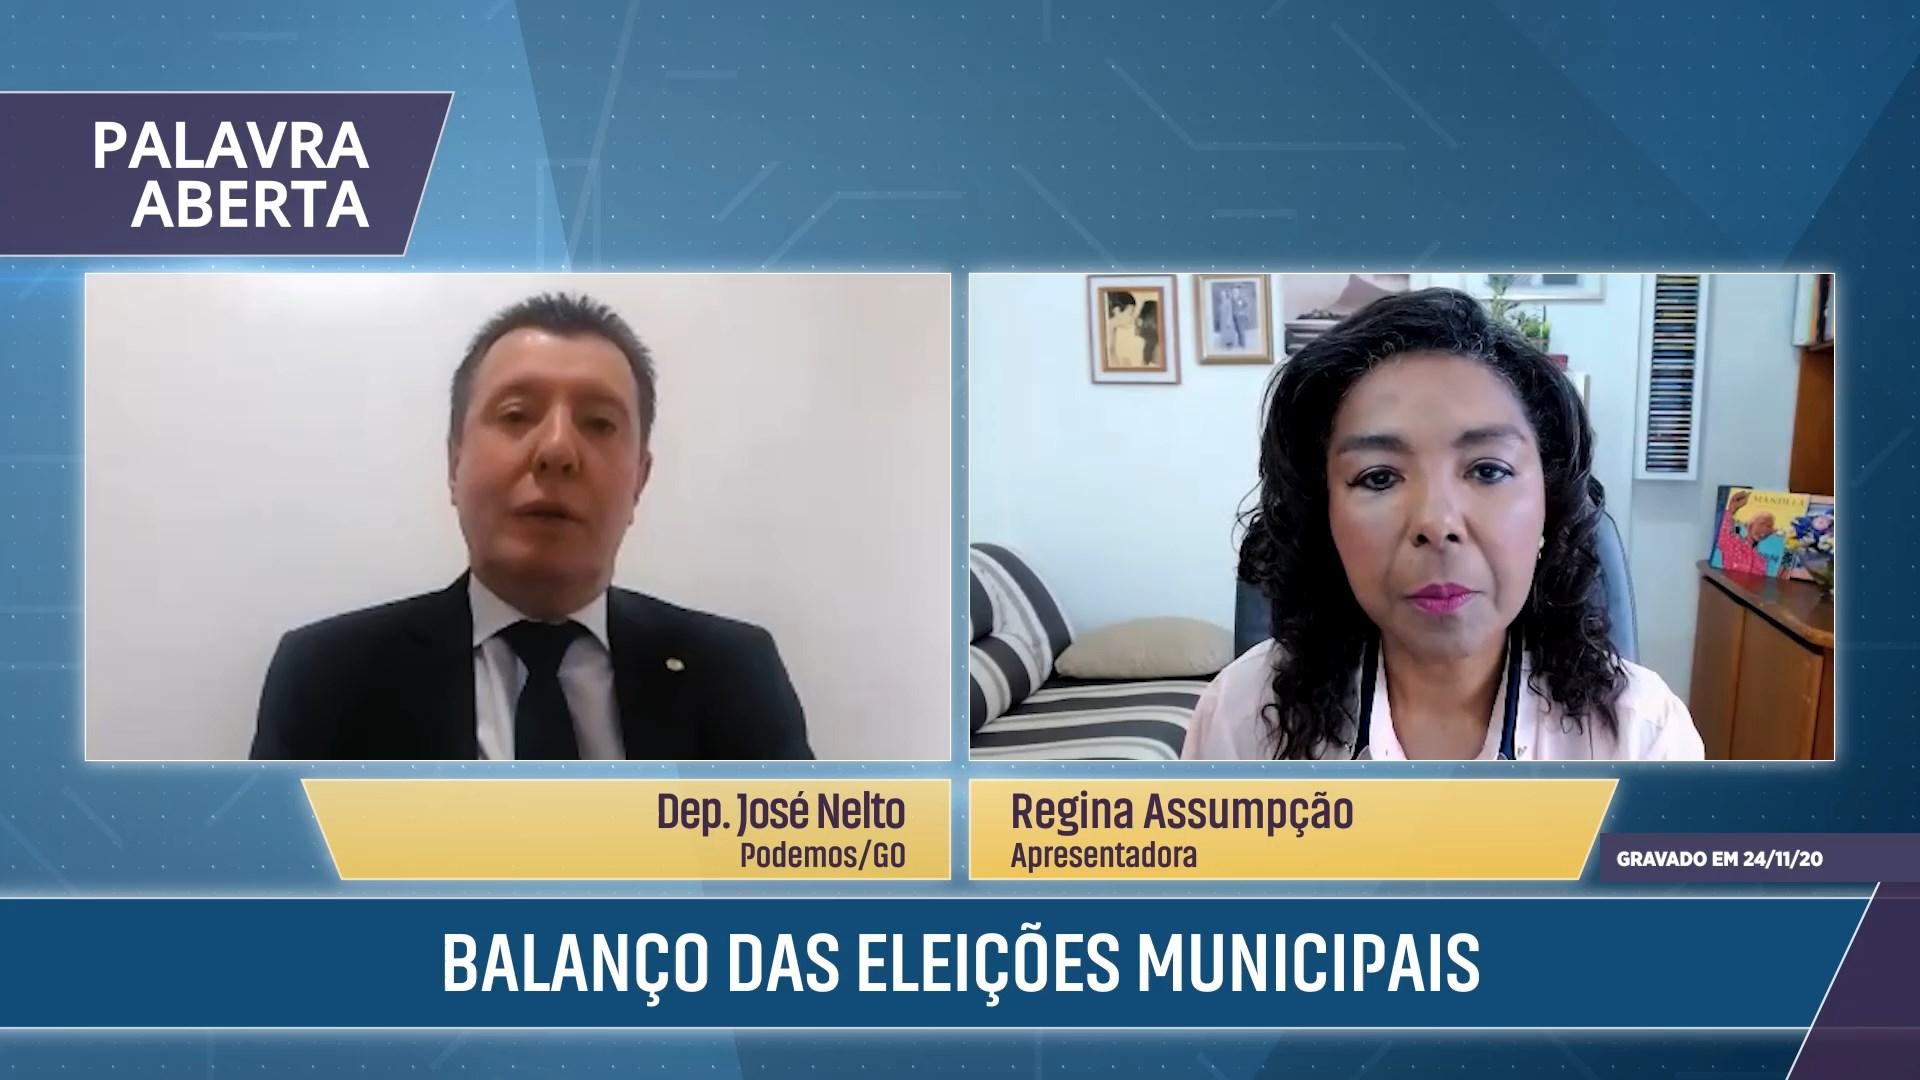 Balanço das eleições municipais